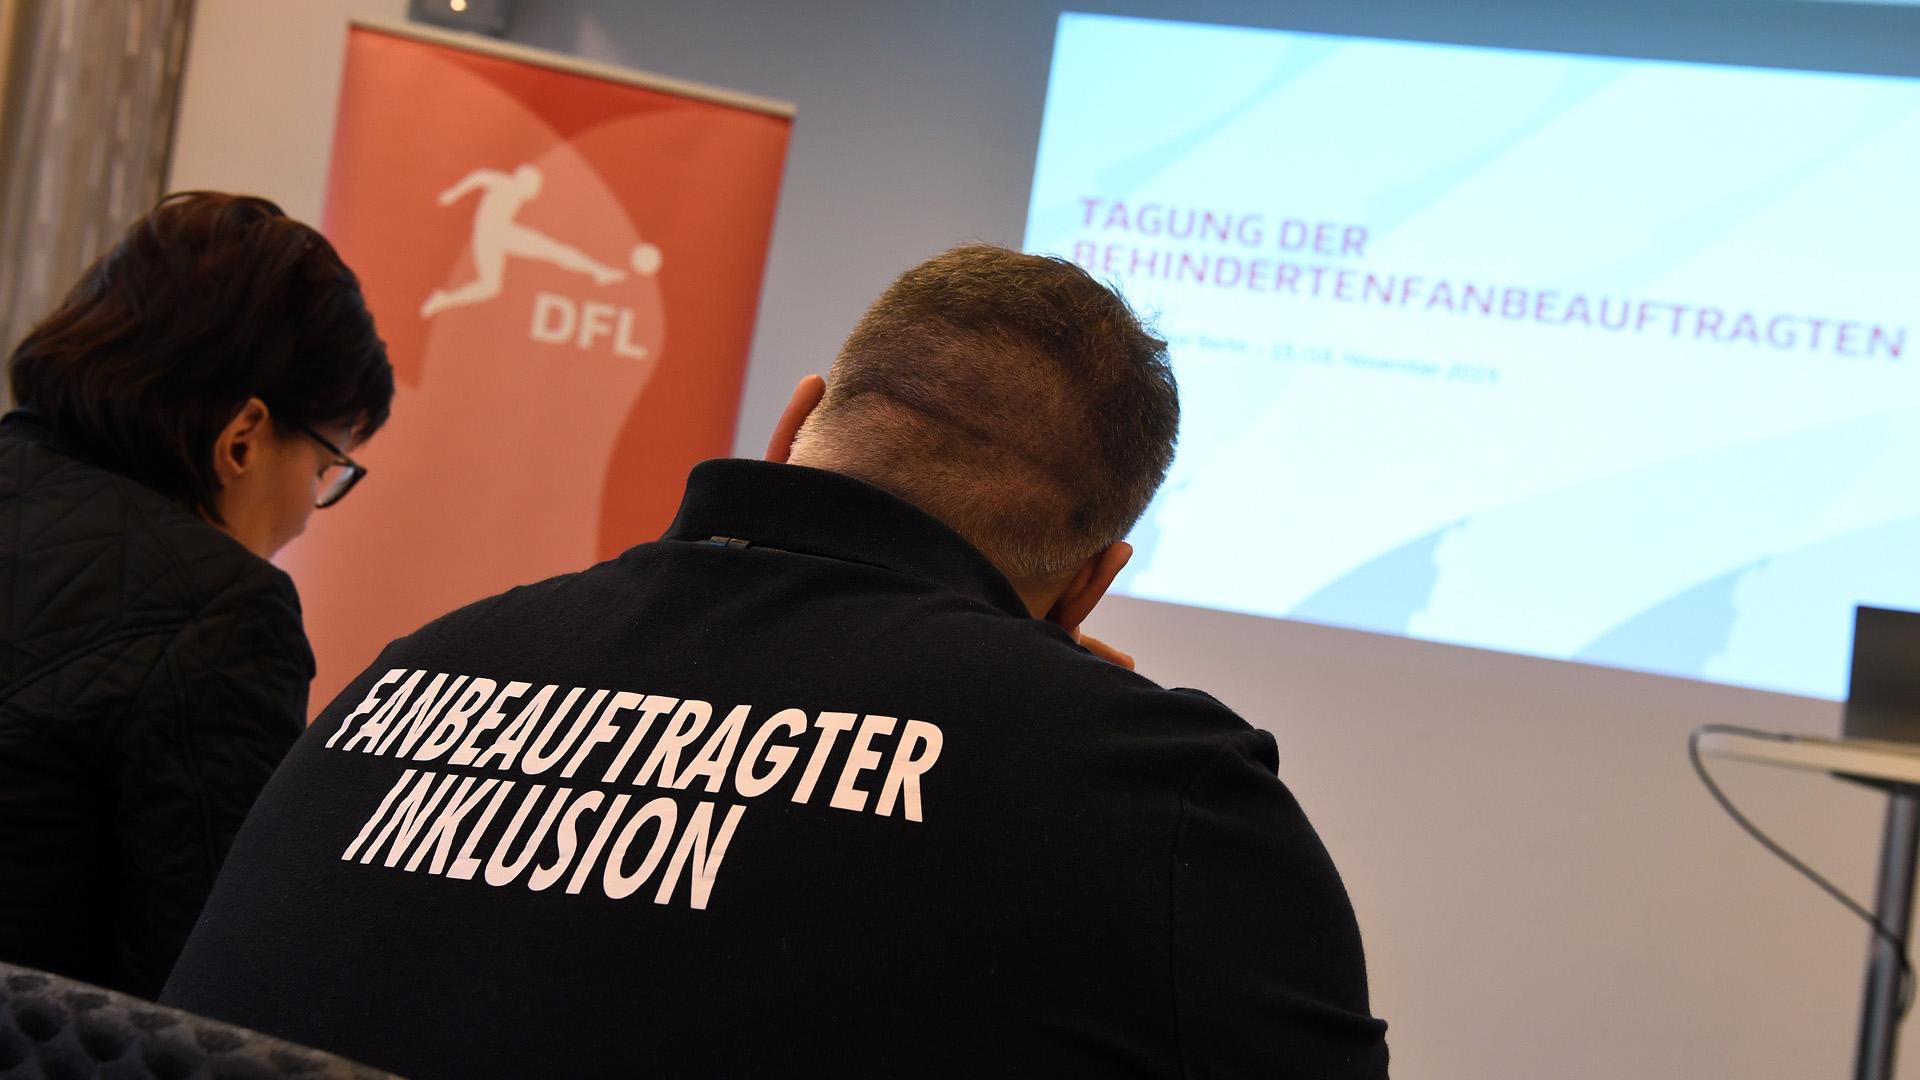 """Auf dem Foto sind zwei Personen mit dem Rücken zum Betrachter gerichtet im Vordergrund zu sehen. Auf einem T-Shirt steht """"Fanbeauftragter Inklusion"""". Im Hintergrund sind ein roter Aufsteller mit weißem DFL-Logo und eine Wandprojektion mit der Aufschrift """"Tagung der Behindertenfanbeauftragten"""" zu sehen."""